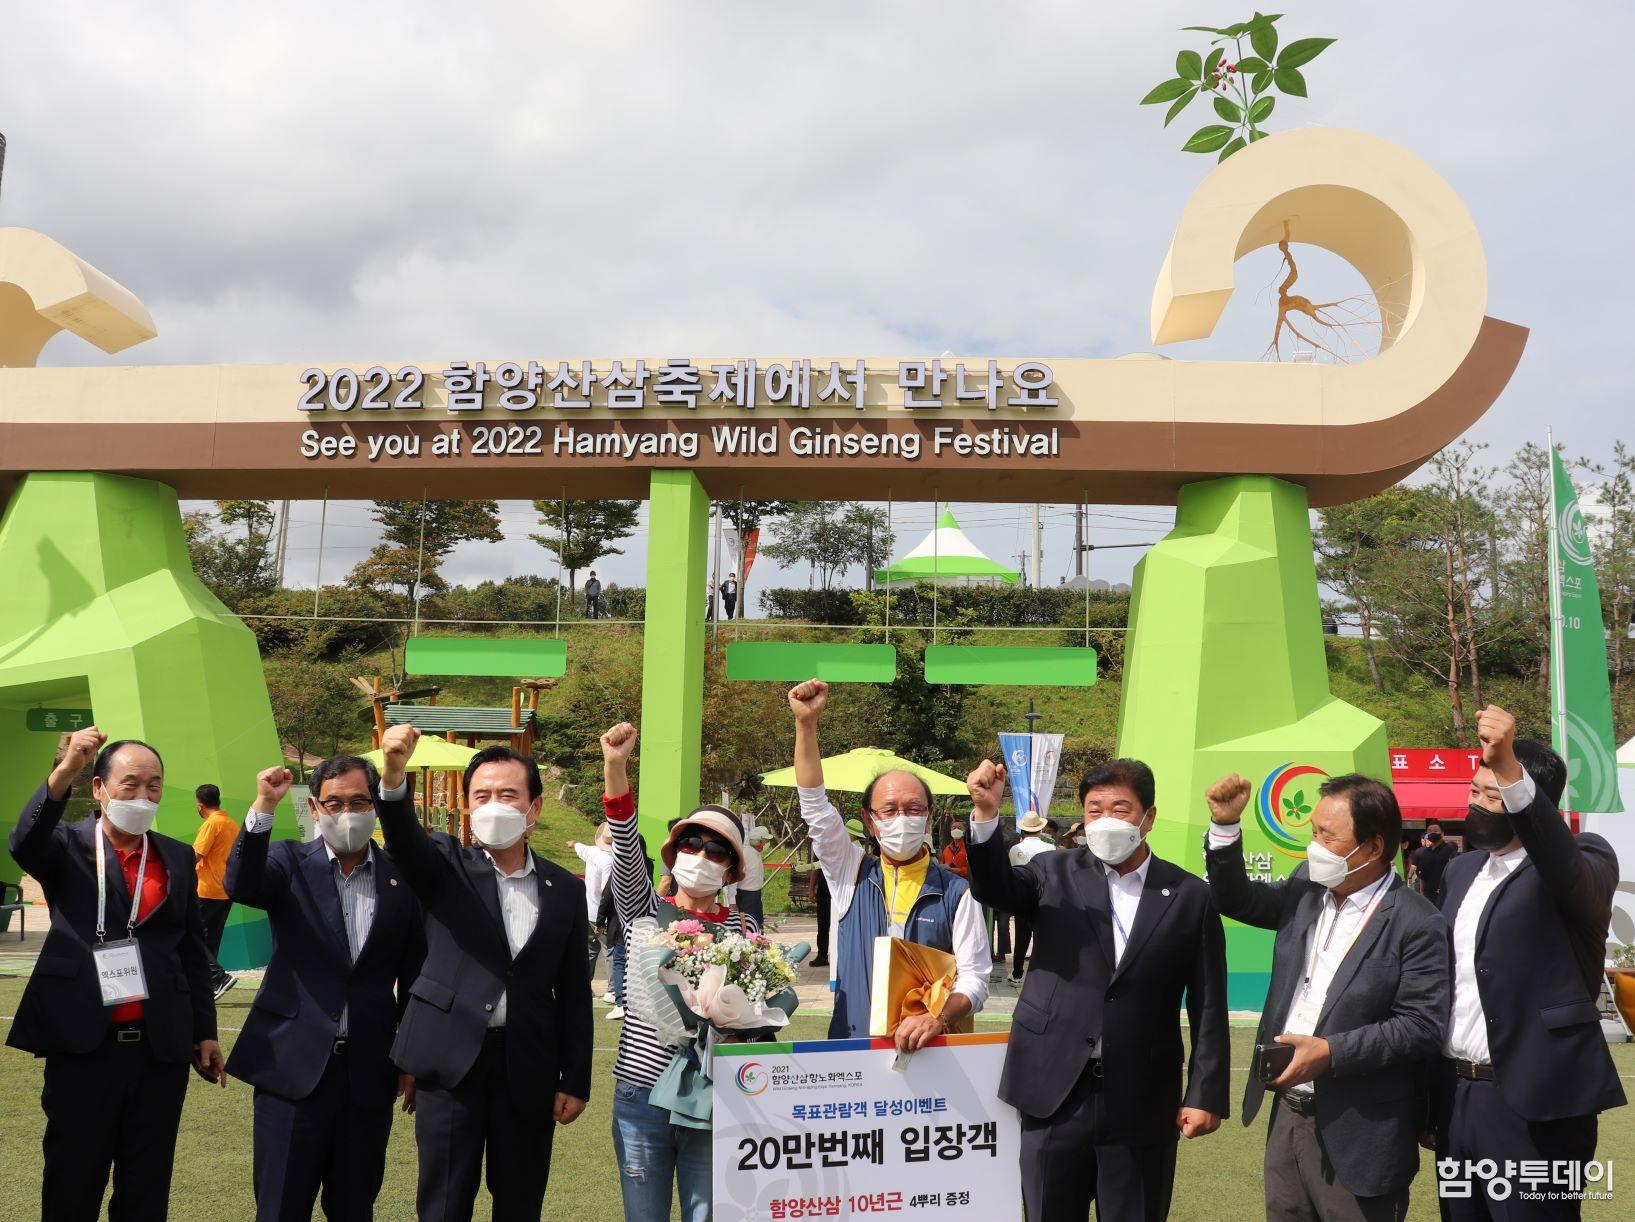 [포토] 2021함양산삼항노화엑스포 20만번째 입장객